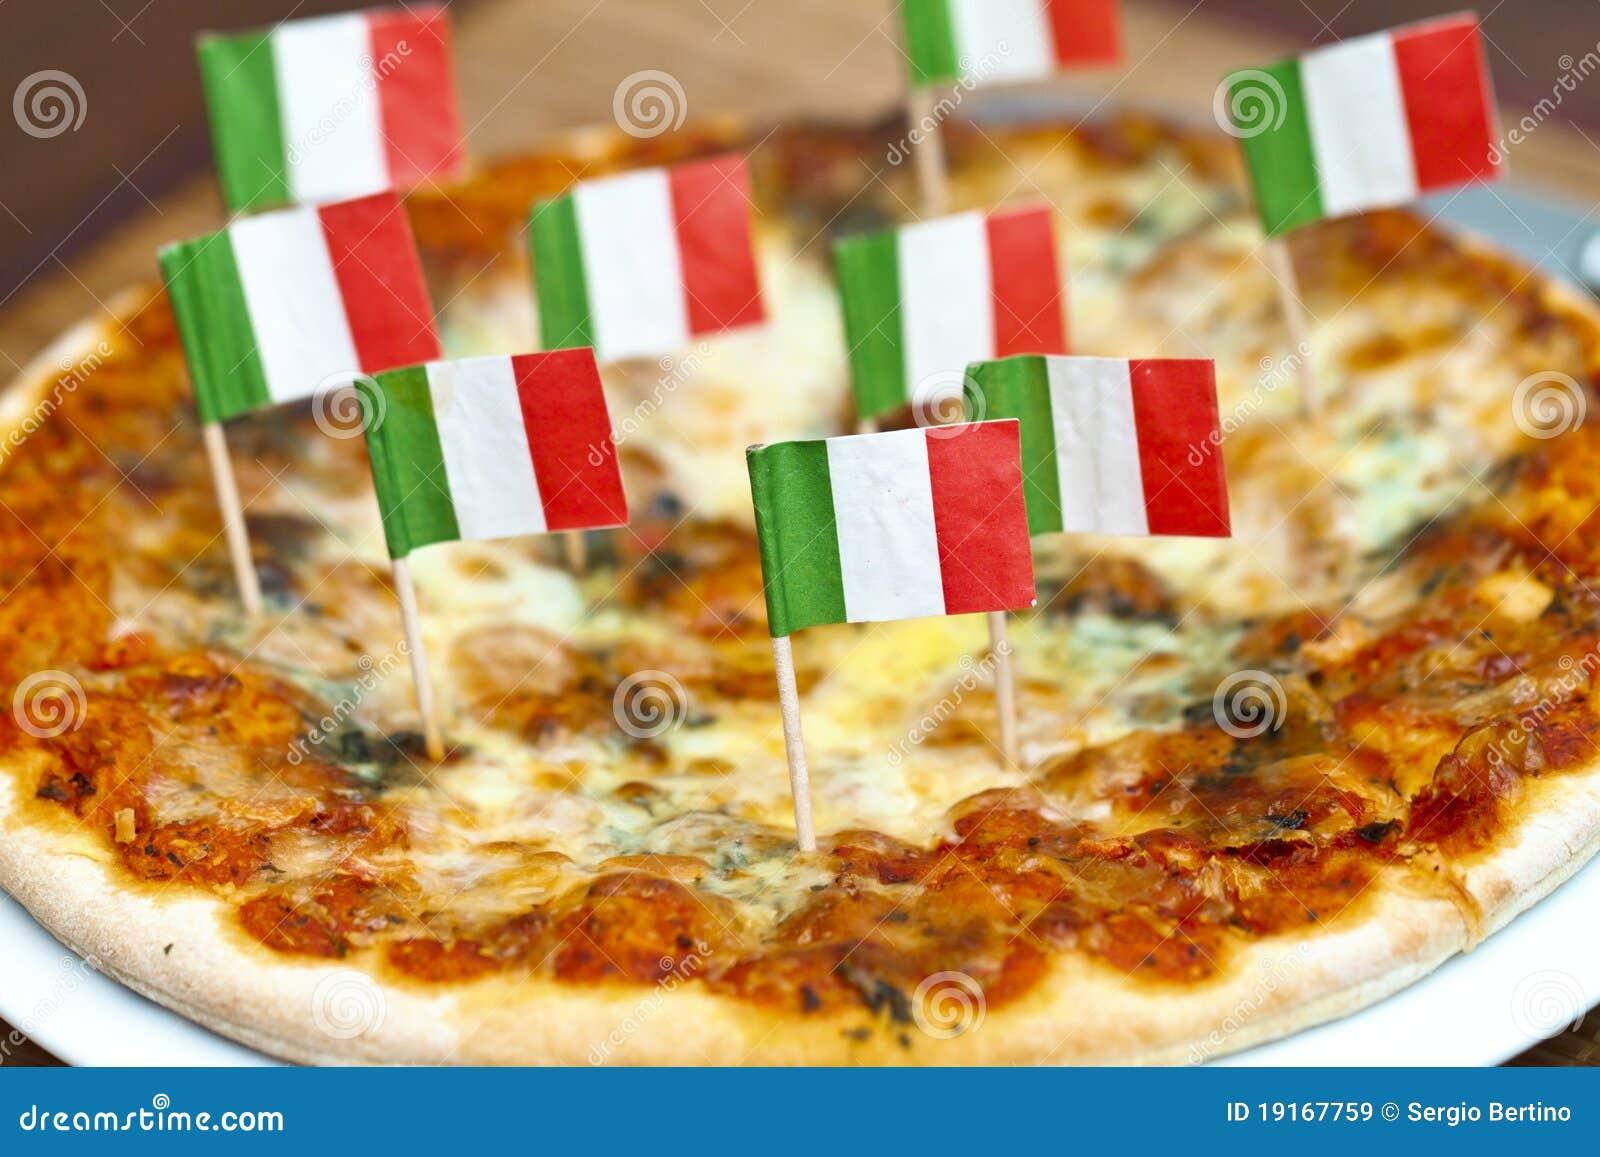 italienische pizza stockbild bild von markierungsfahne 19167759. Black Bedroom Furniture Sets. Home Design Ideas